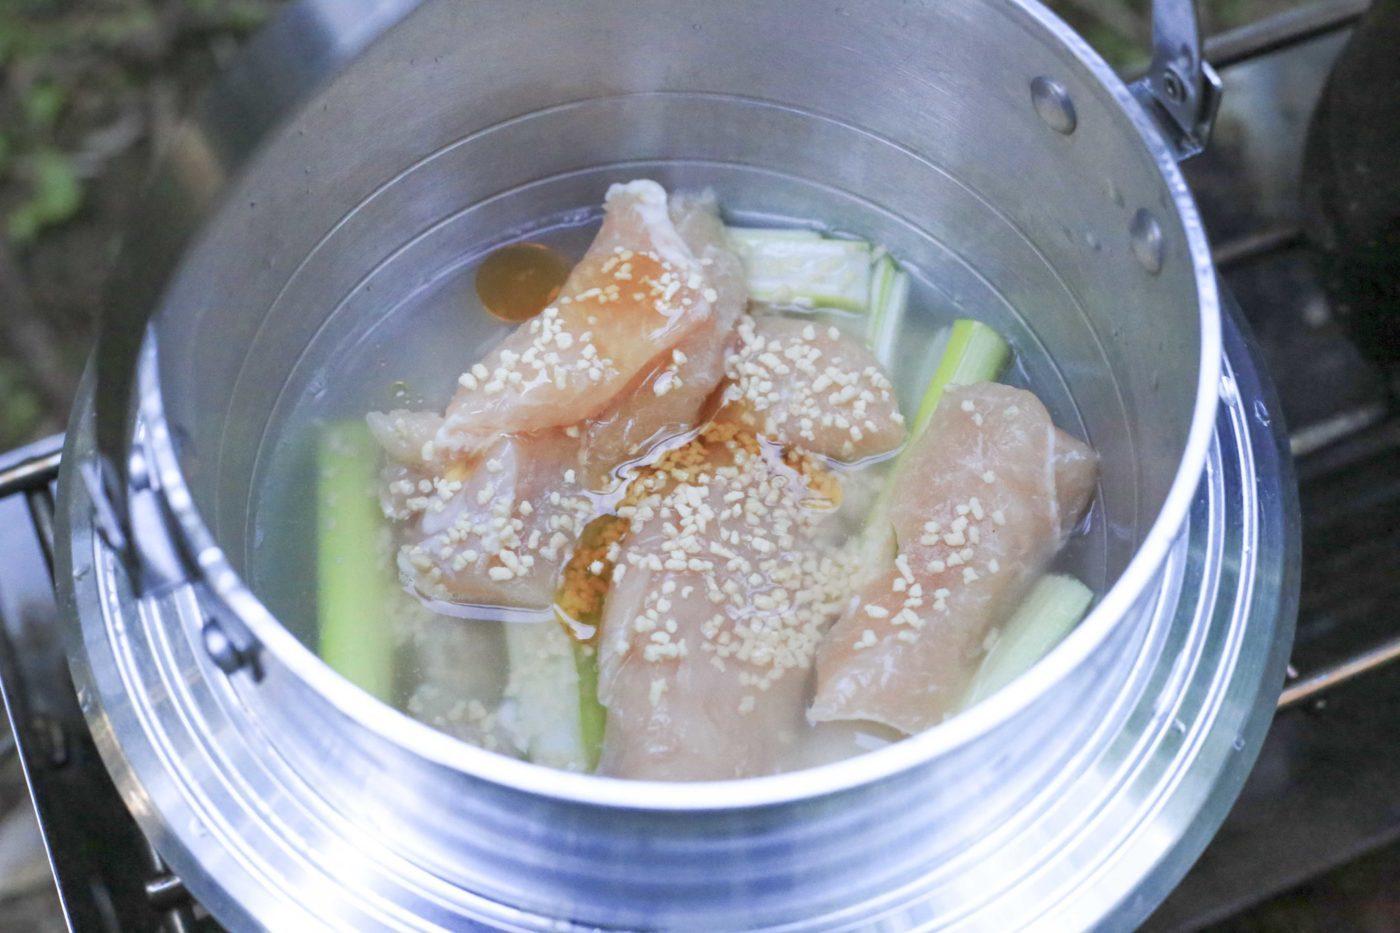 ユニフレームキャンプ羽釜を使ったキャンプ飯レシピ【鶏飯】